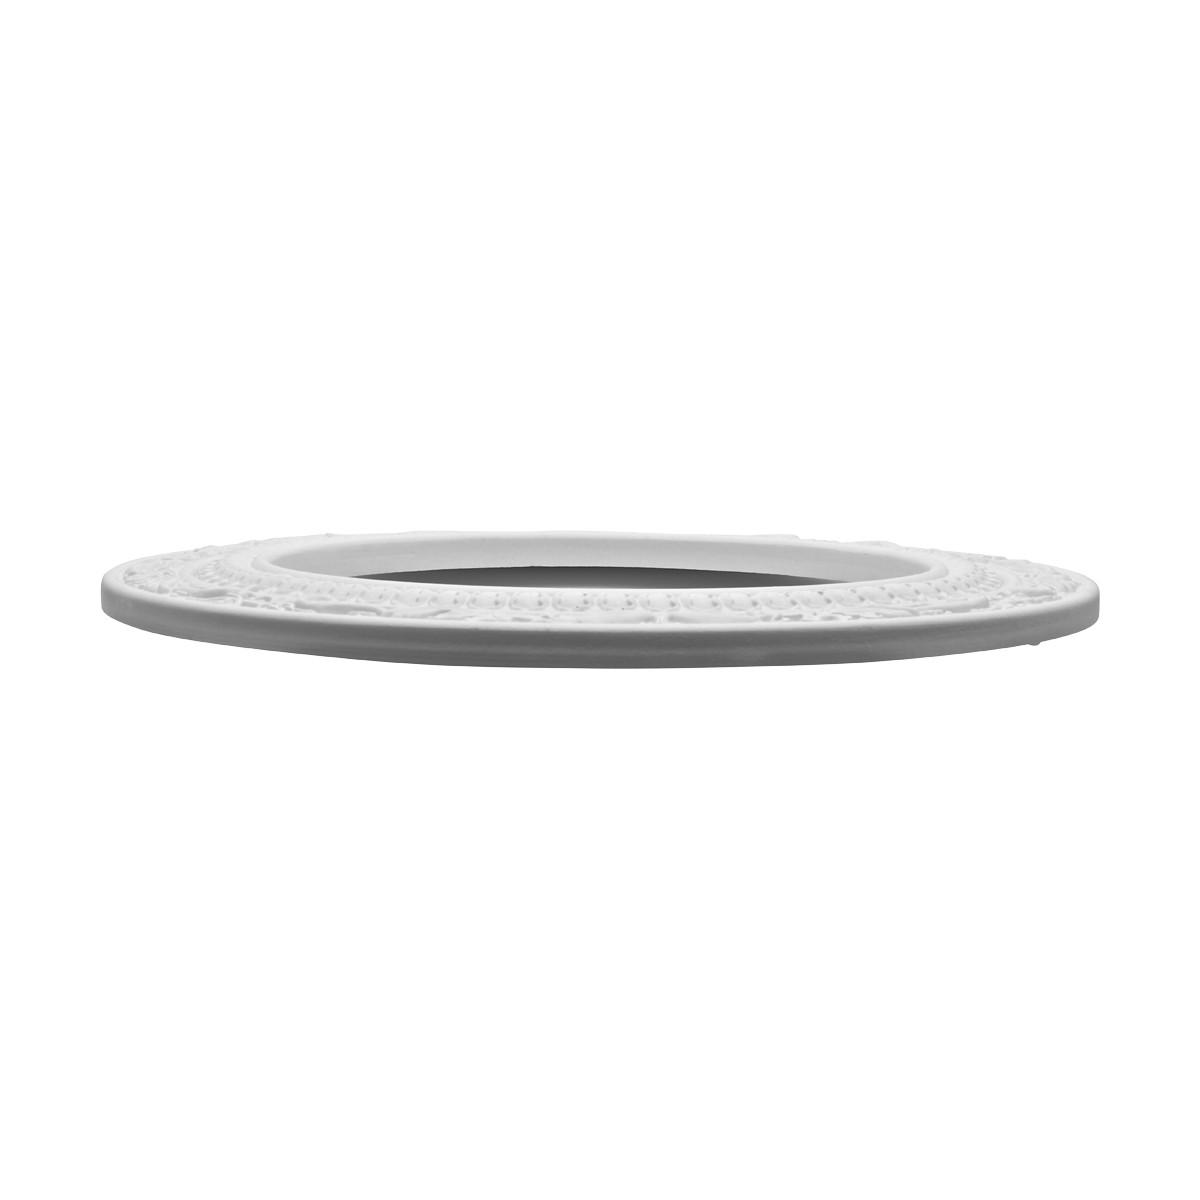 Spot Light Ring White Trim 8 ID x 12 OD Mini Medallion White Recessed Light Trim Decorative Recessed Lighting Trim Spotlight Ceiling Medallion